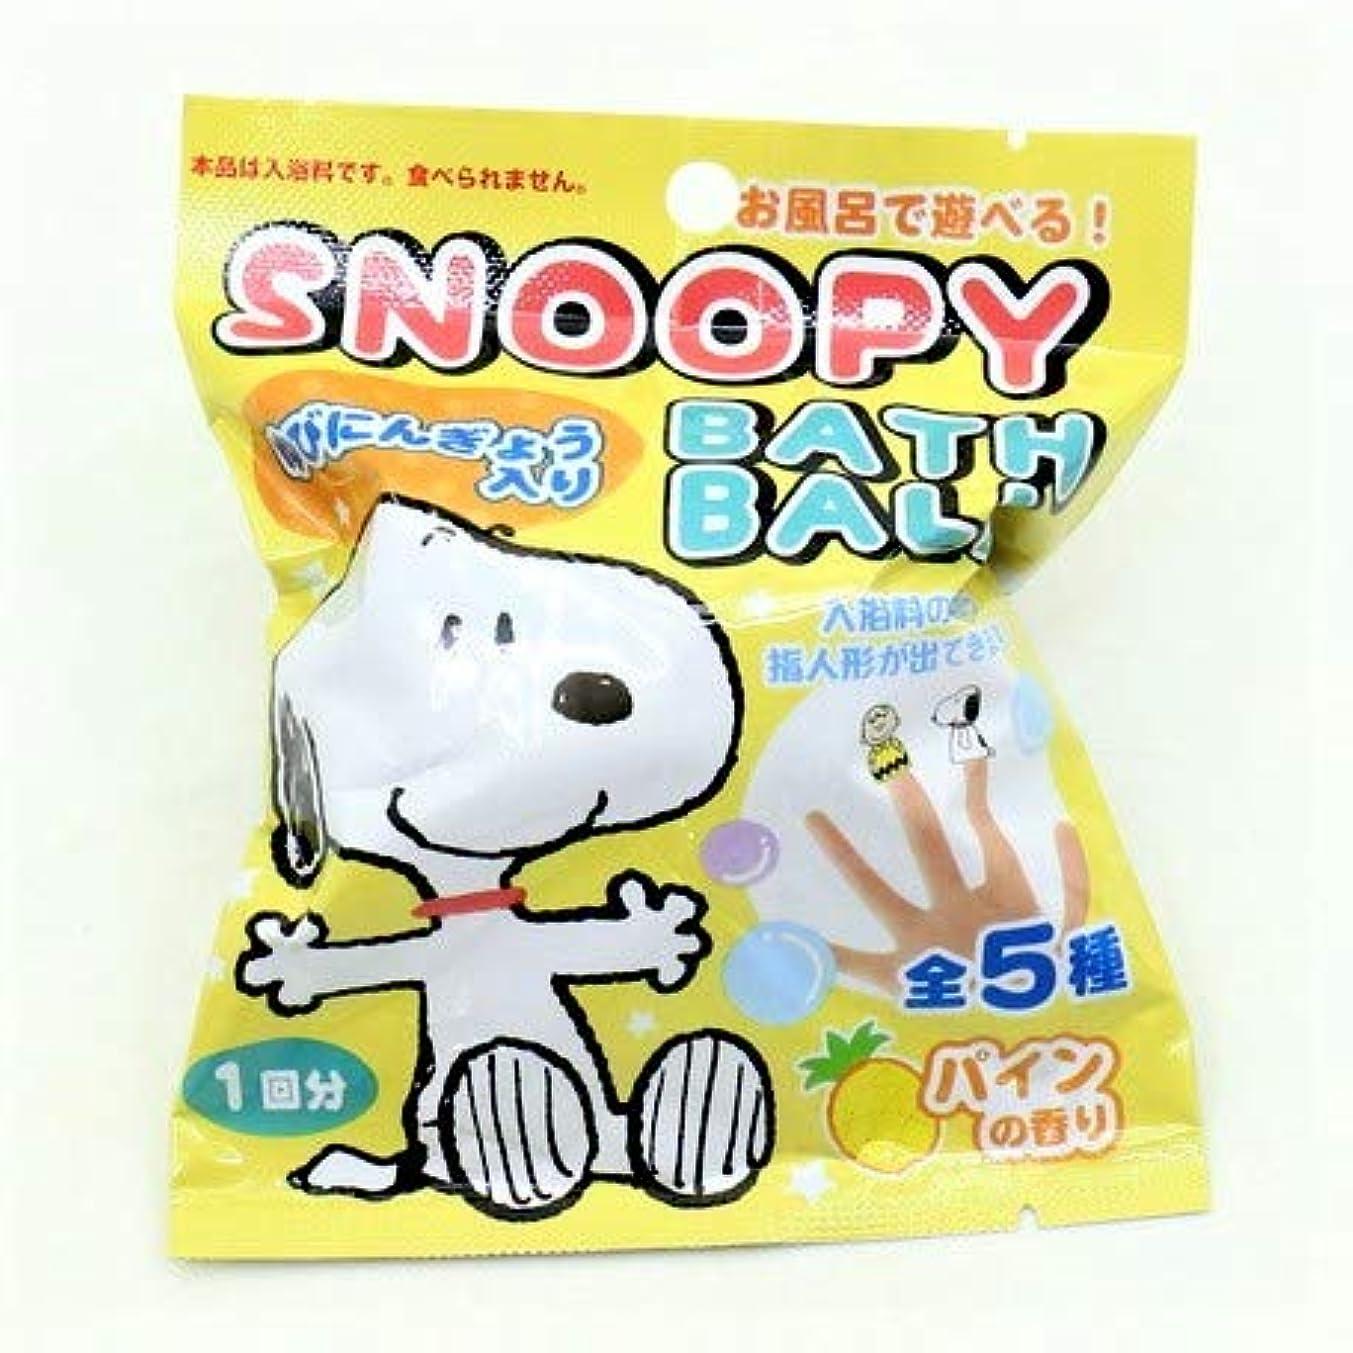 手順拾う動機付けるスヌーピー バスボール 入浴剤 パインの香り 6個1セット 指人形 Snoopy